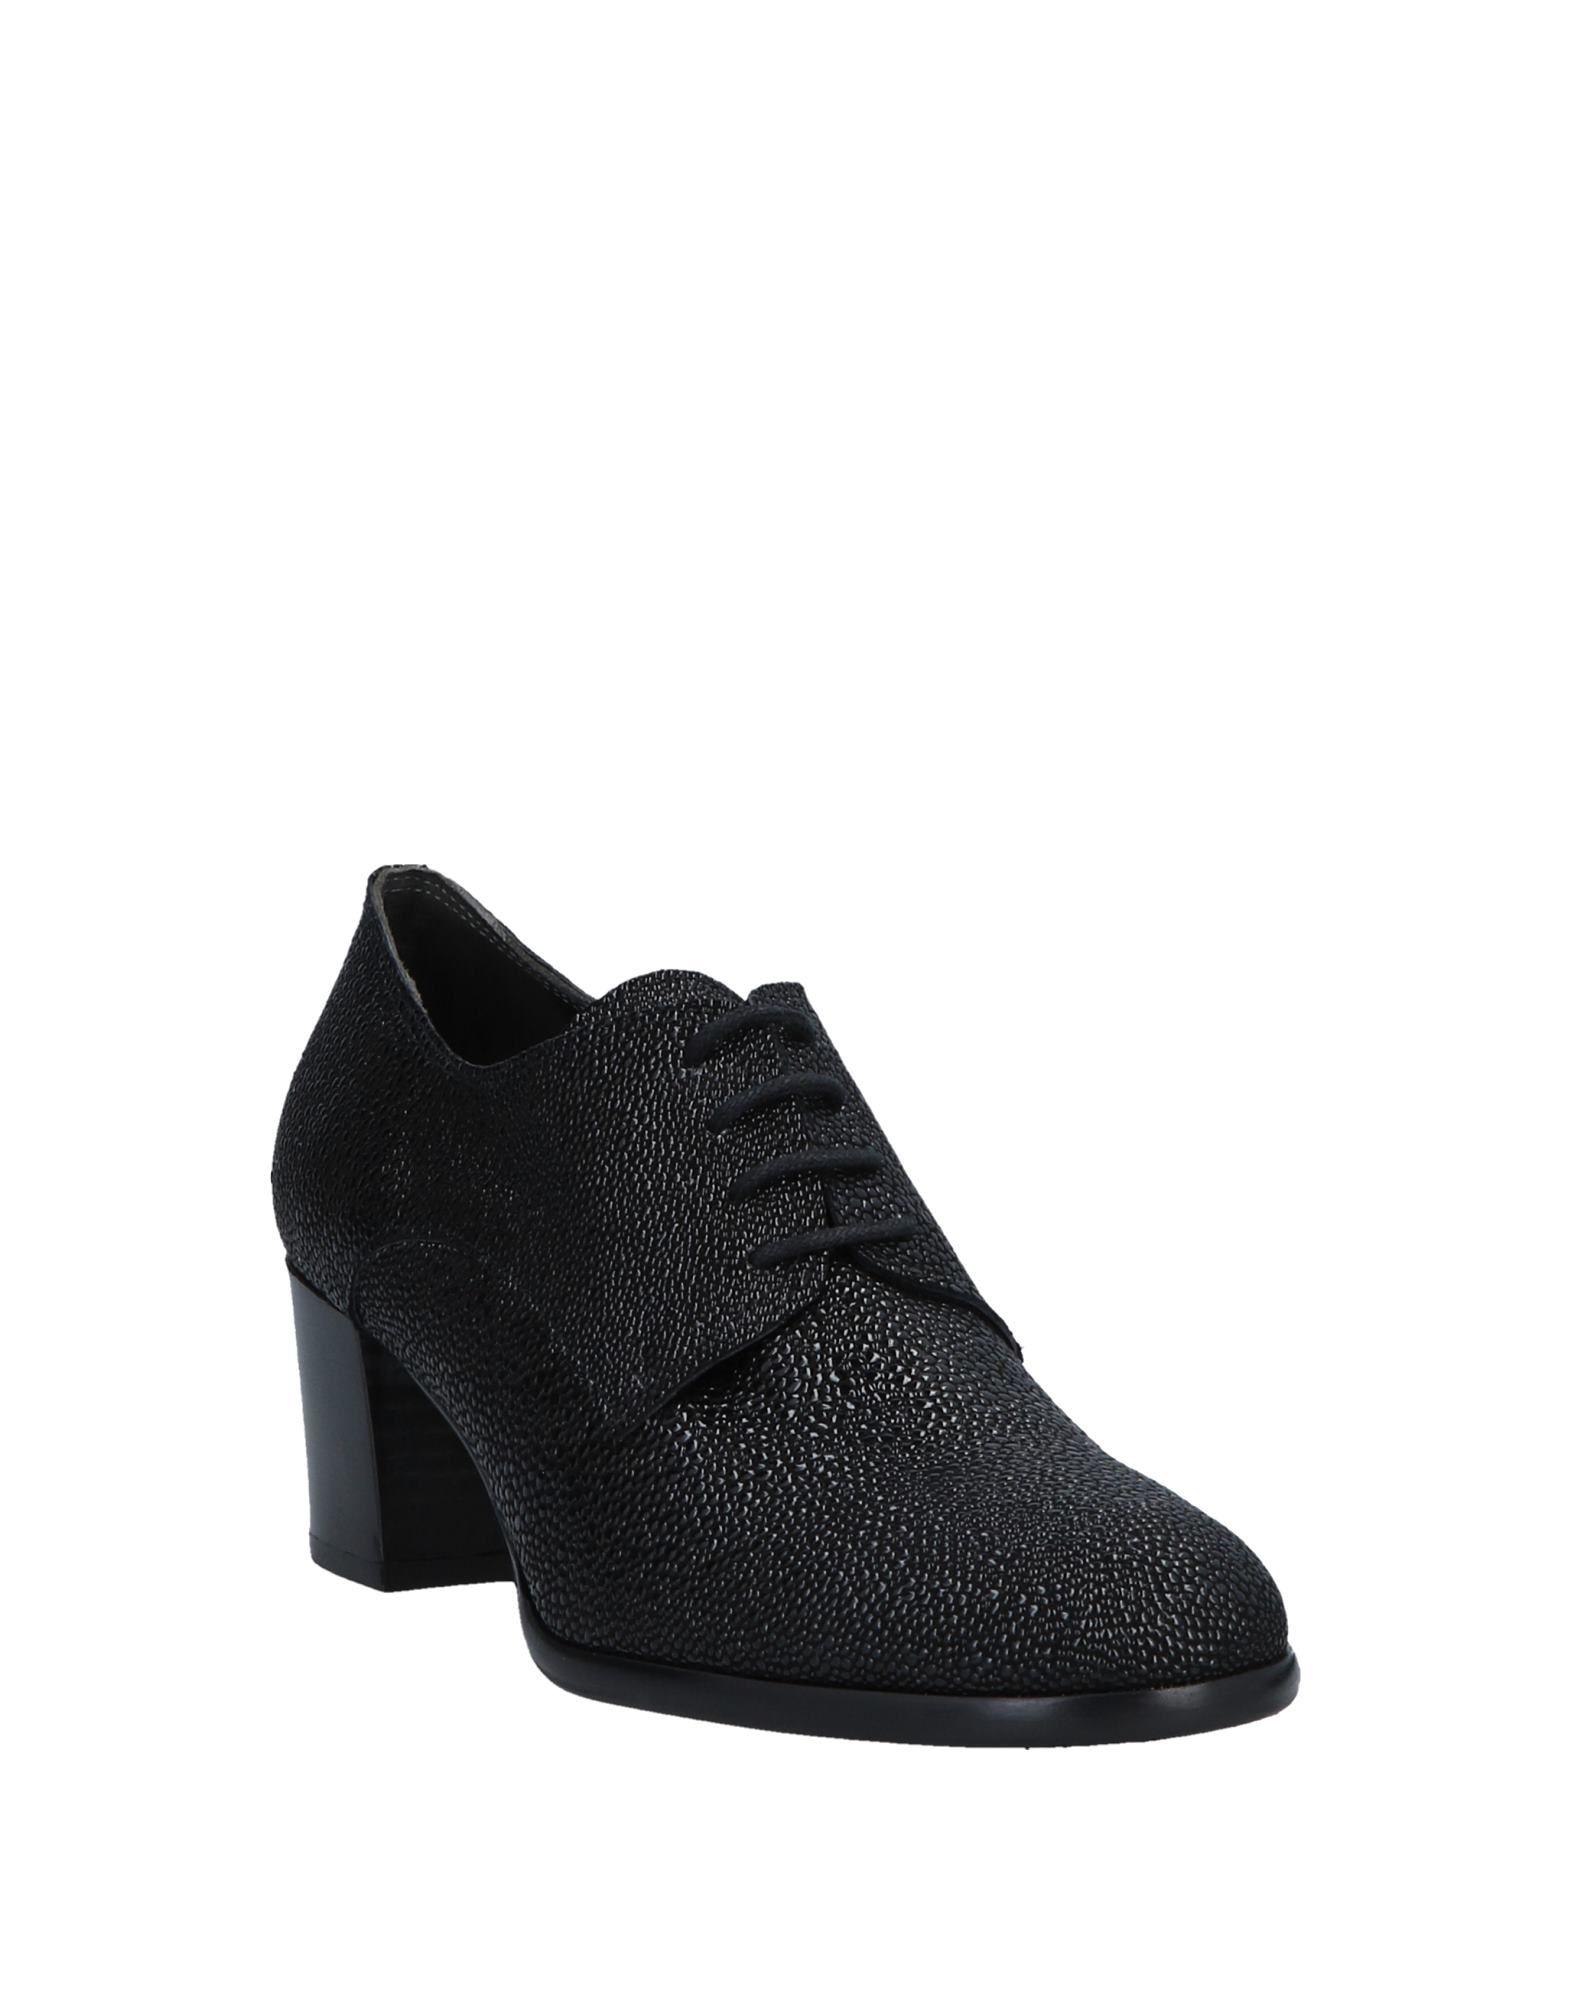 Stilvolle Schnürschuhe billige Schuhe Pons Quintana Schnürschuhe Stilvolle Damen  11258035WM 3d8d37